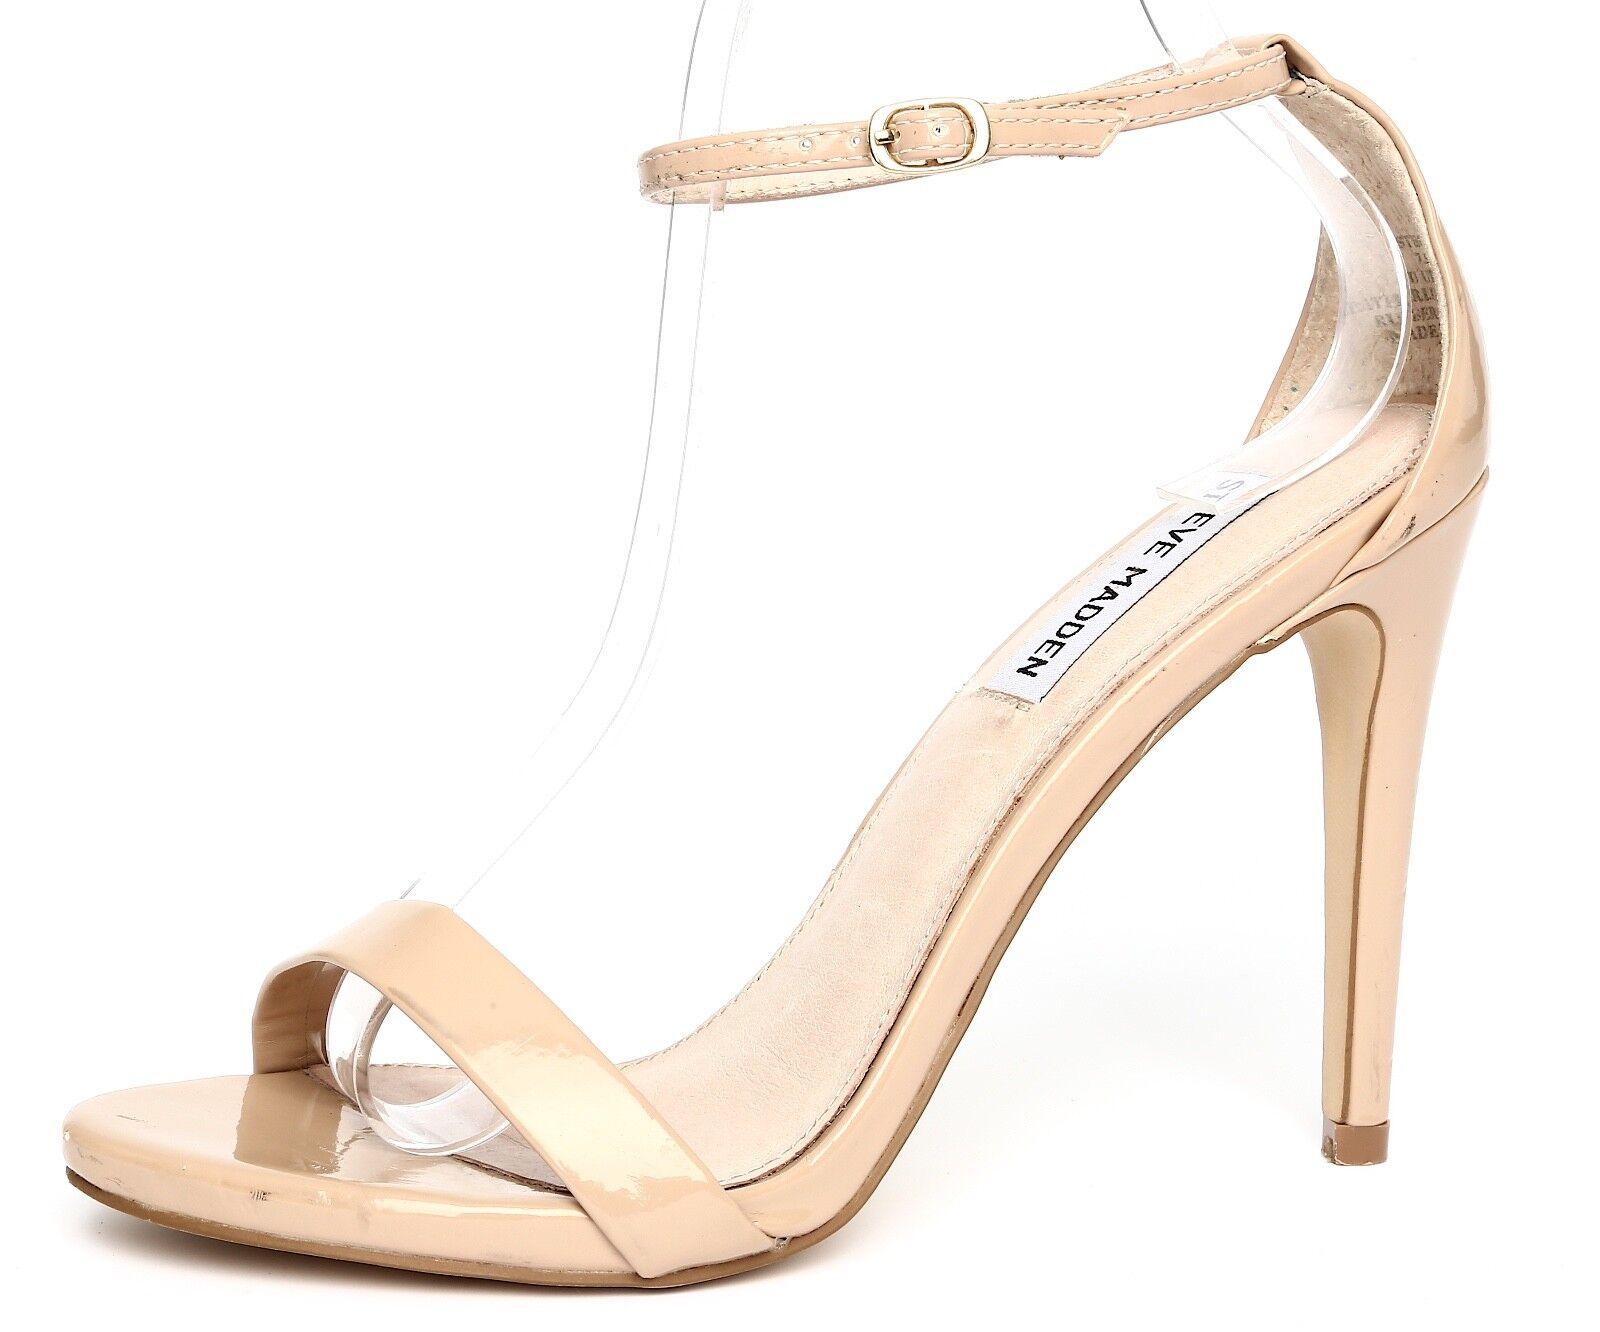 profitto zero Steve Madden Stecy Patent Leather Nude Nude Nude Ankle Strap Sandal Heels Sz 7.5M 4508  liquidazione fino al 70%